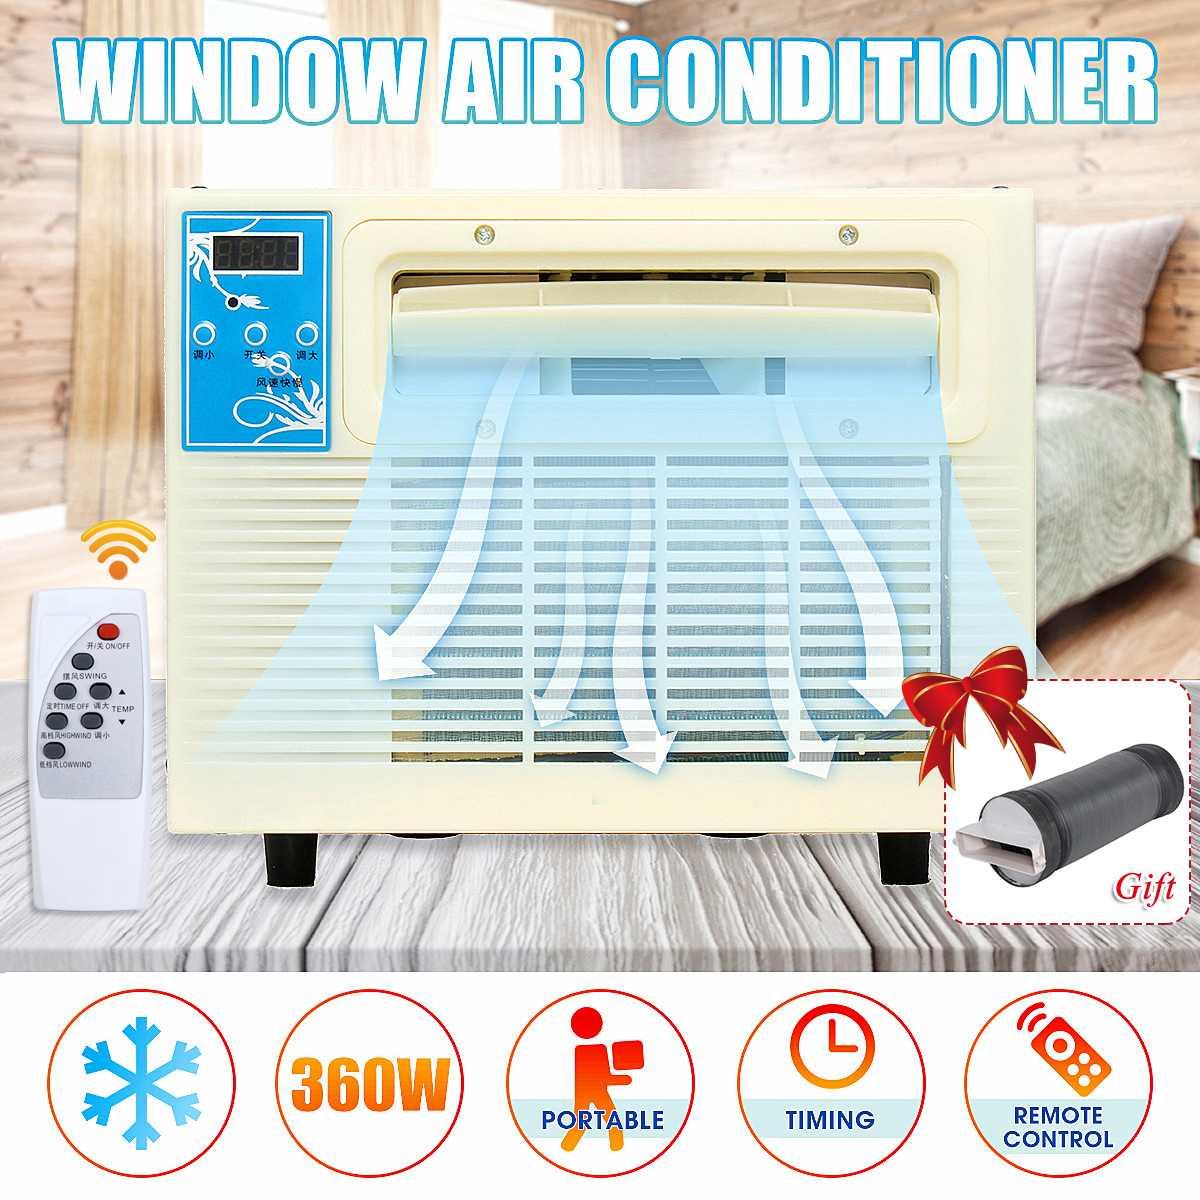 Klimaanlagen 220 V 900 W Ipx4 Mini Klimaanlage Desktops Fenster Klimaanlage Haushalts Luftkühler Klimaanlage Mit Fernbedienung Neueste Technik Haushaltsgeräte